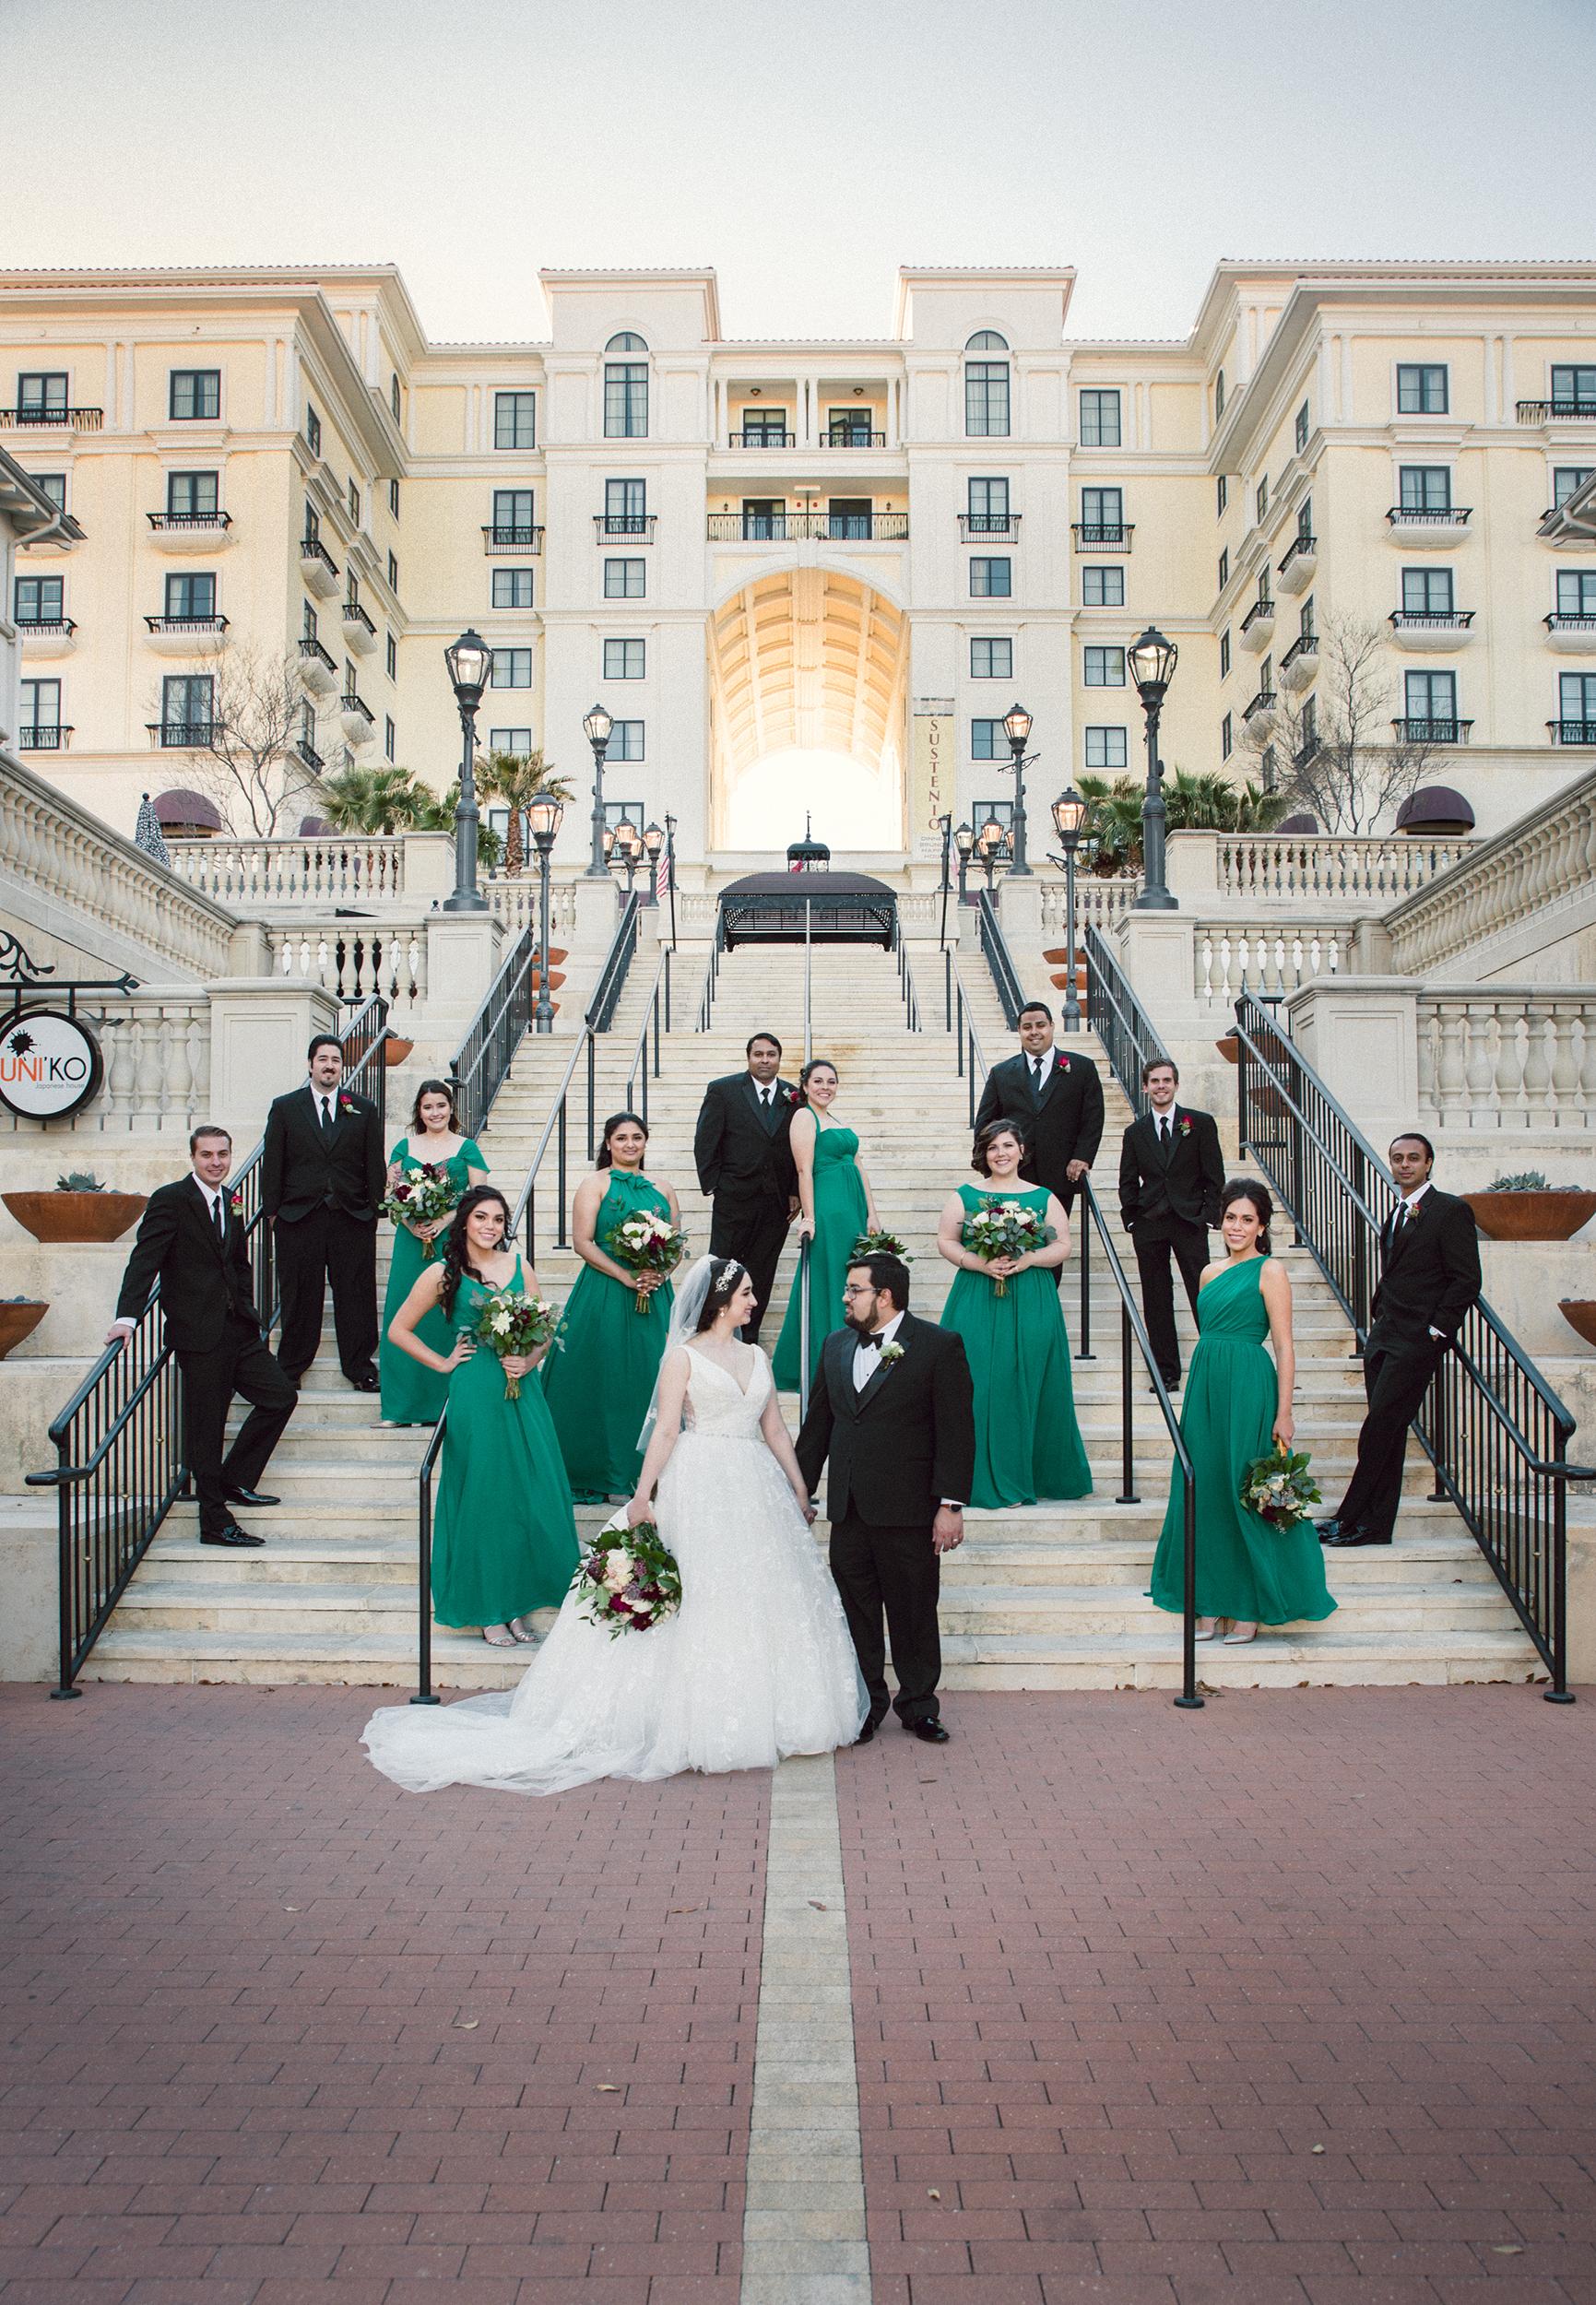 EILAN HOTEL WEDDING SNEAL PEEK